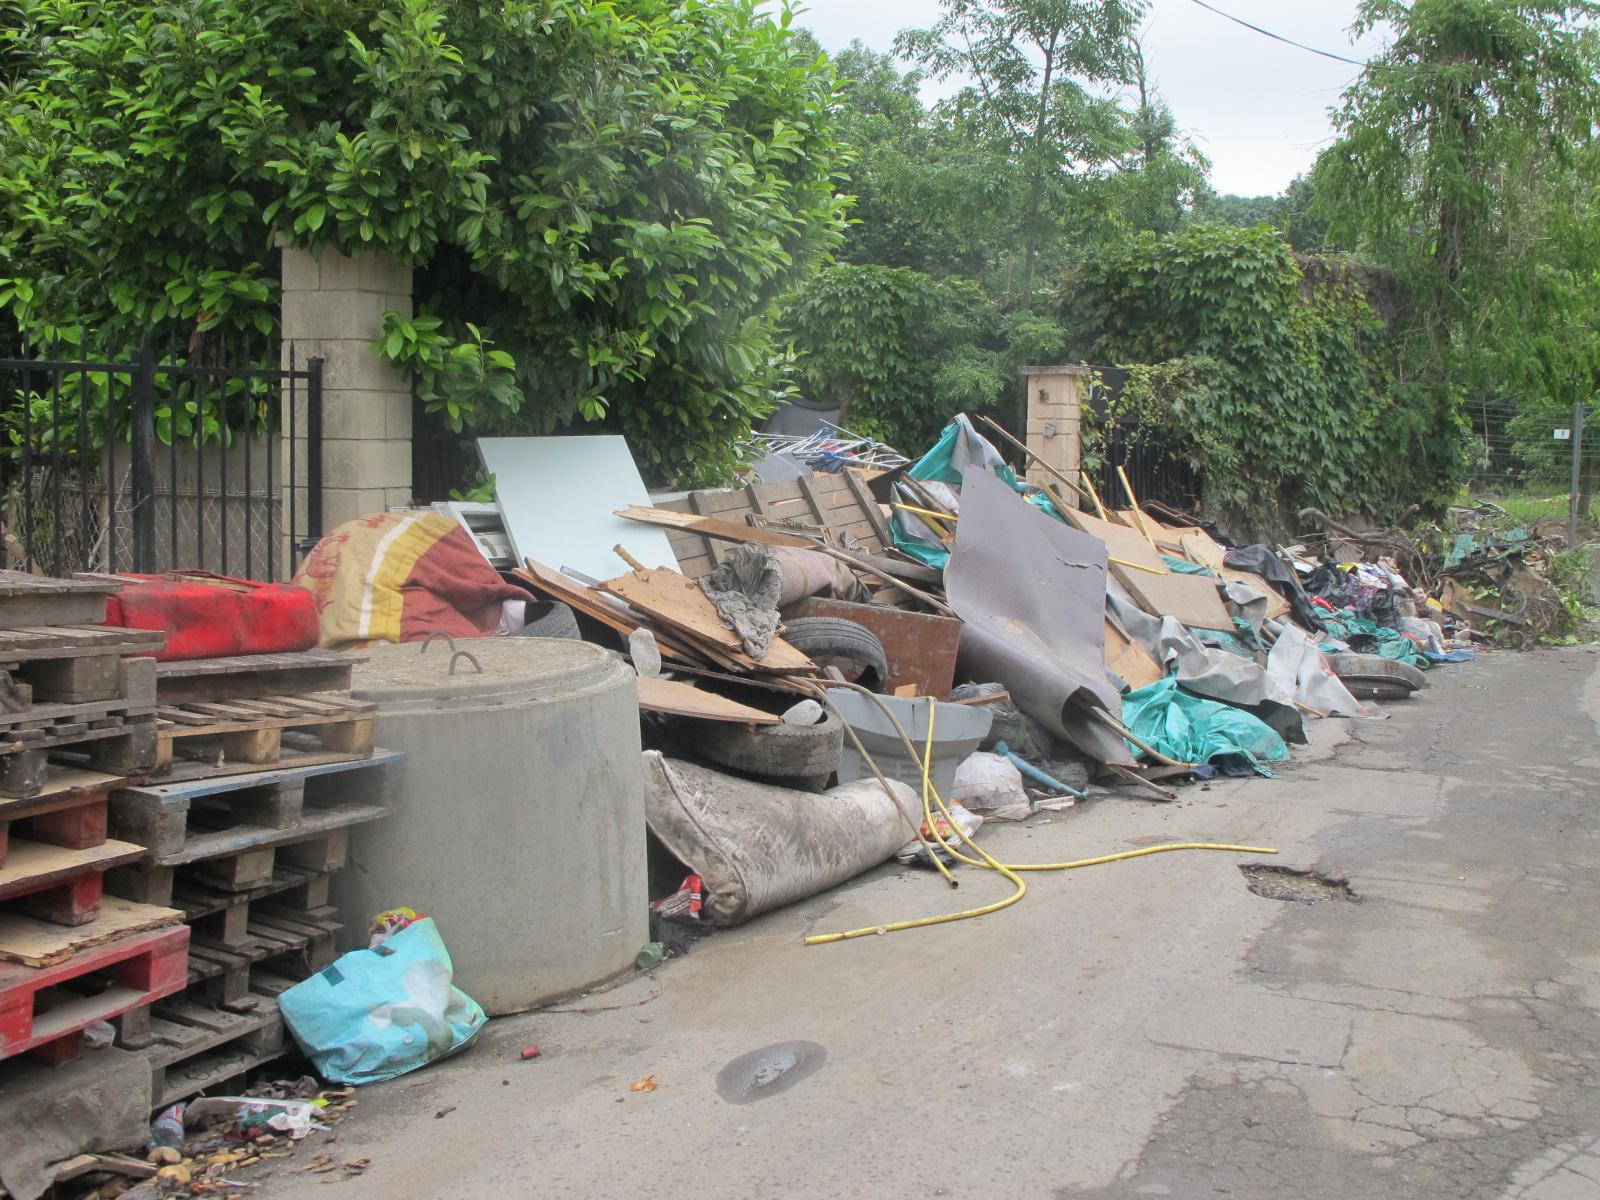 quartier blandin sinistre villeneuve saint georges (11)